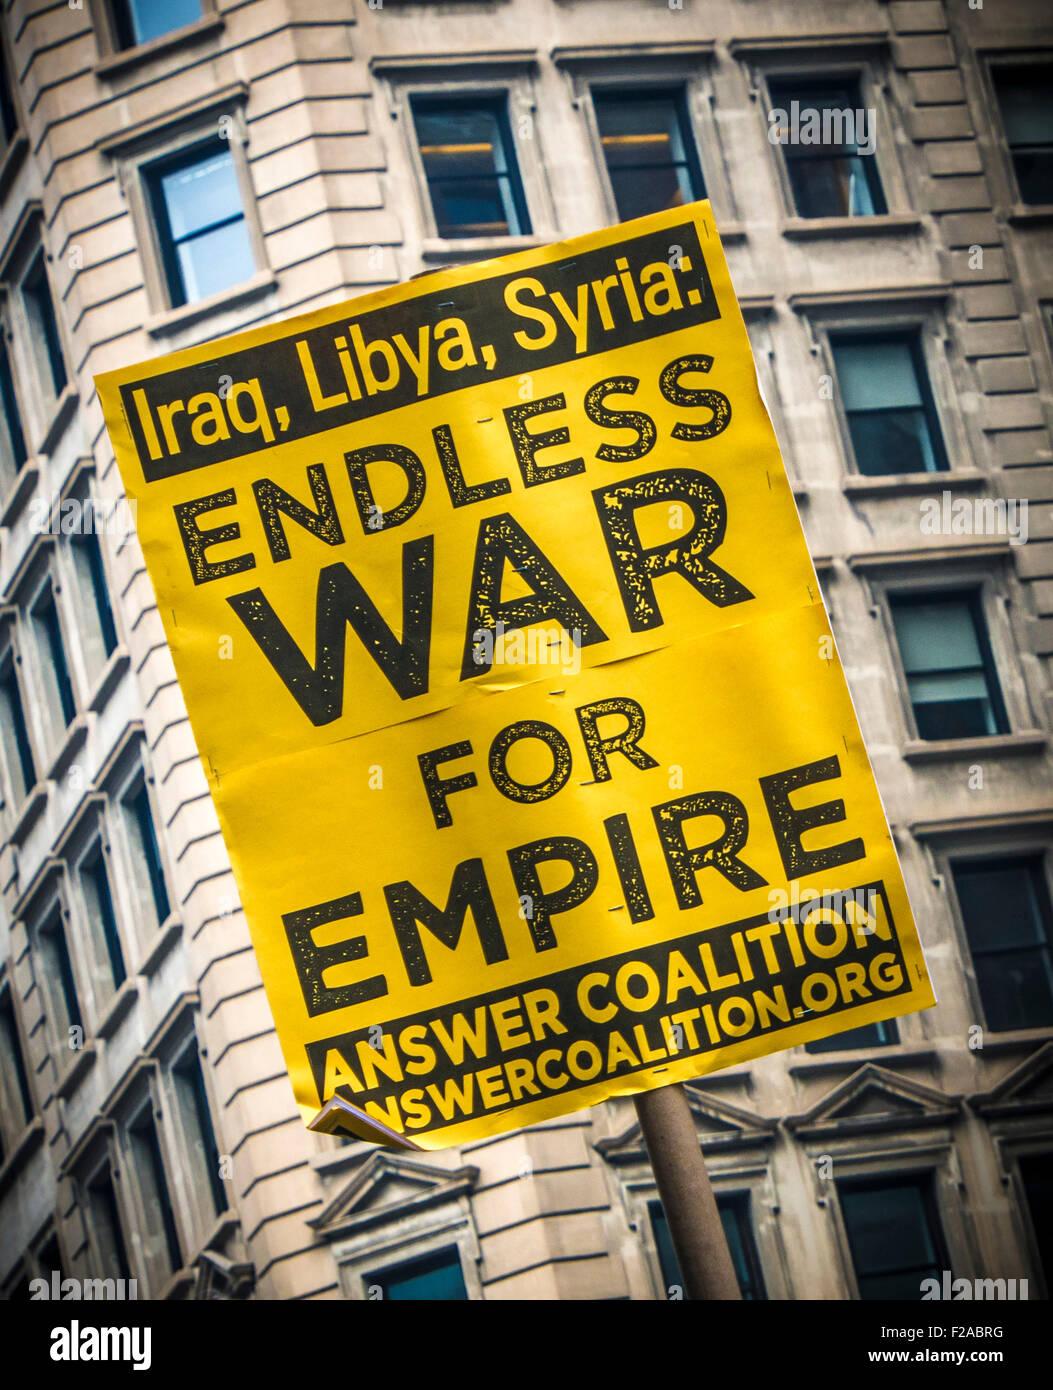 Plakat aus Protest, Krieg im Irak, Libyen und Syrien zu beenden. Stockbild